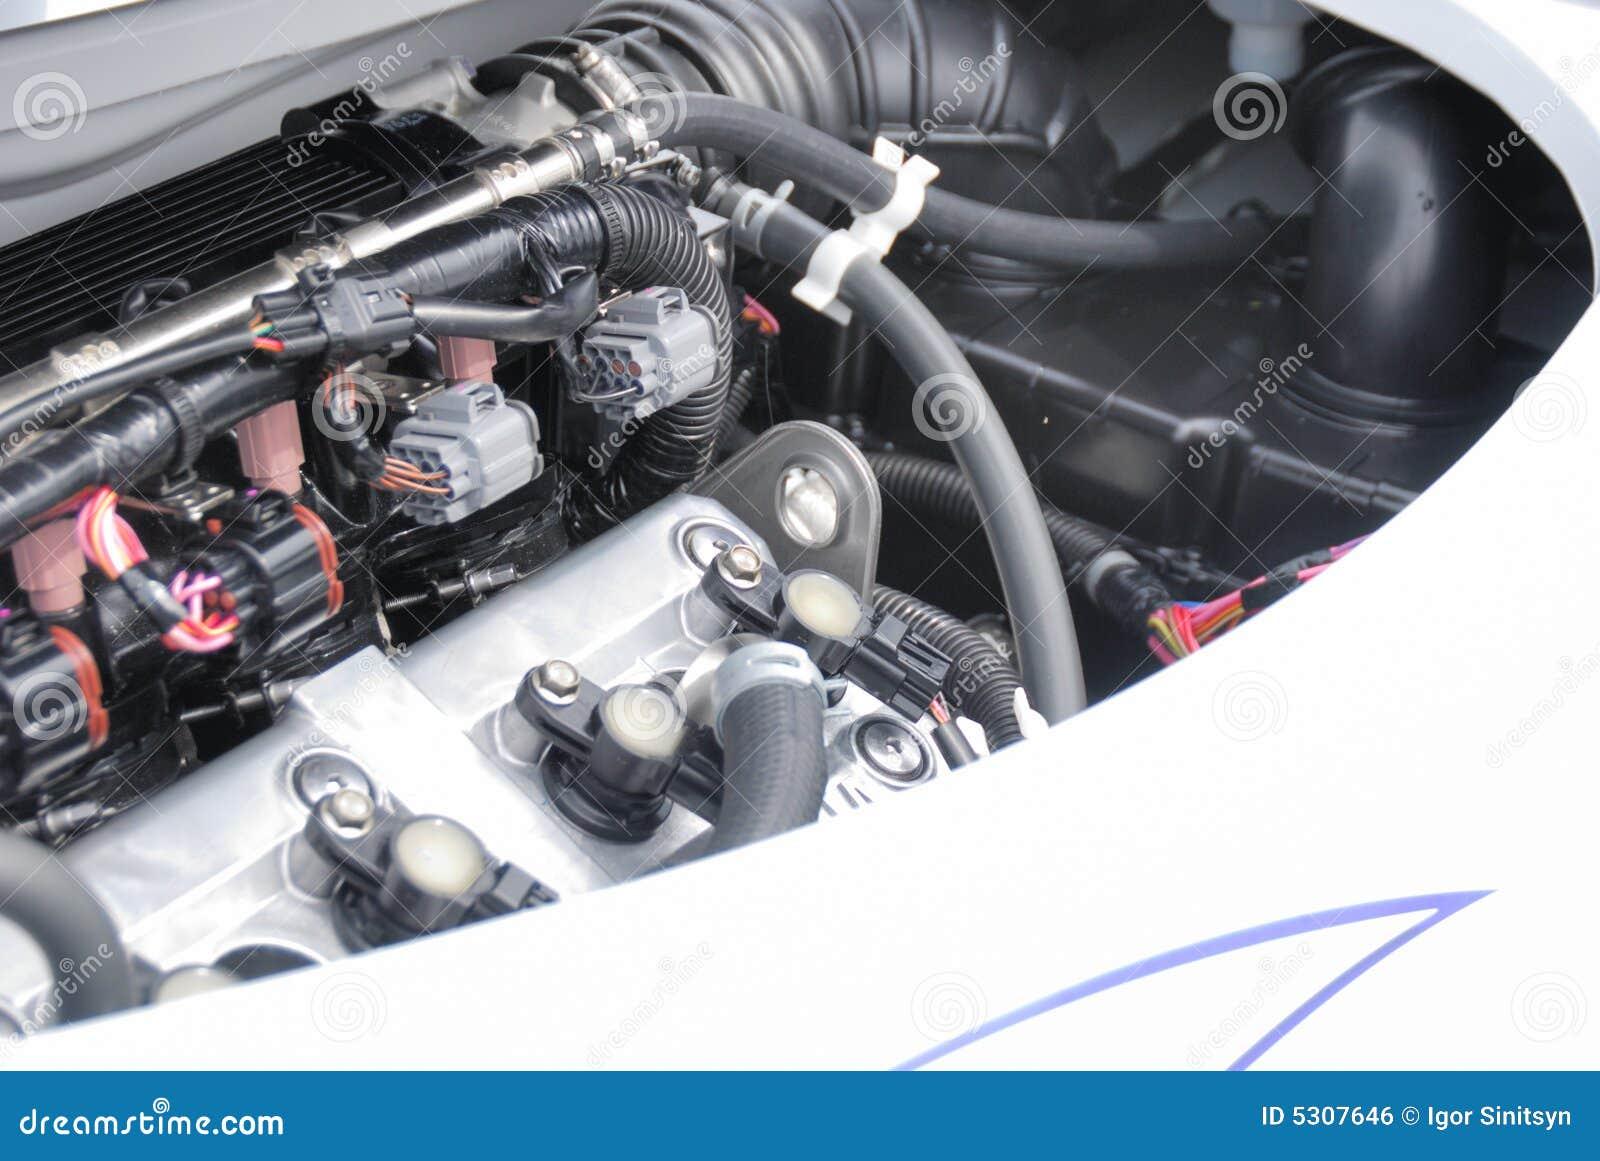 Download Motore fotografia stock. Immagine di precisione, japan - 5307646